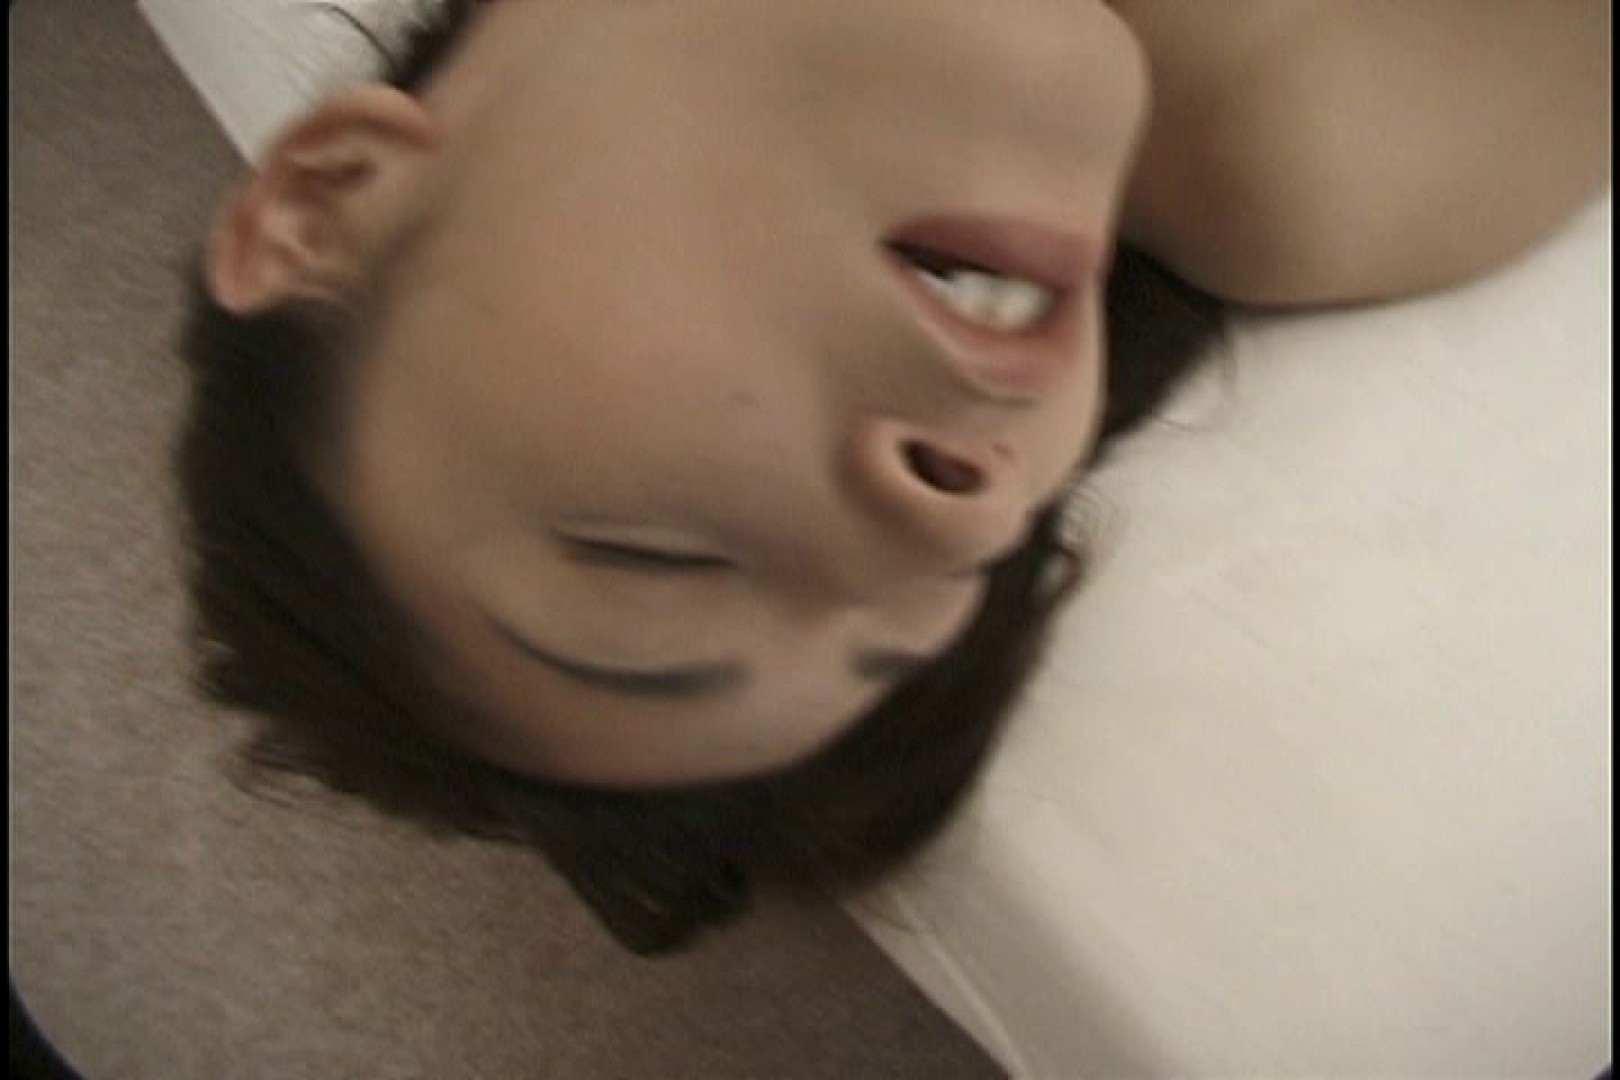 昼間の奥様は欲求不満 ~安田弘美~ おっぱい大好き | 人妻のエッチ  76pic